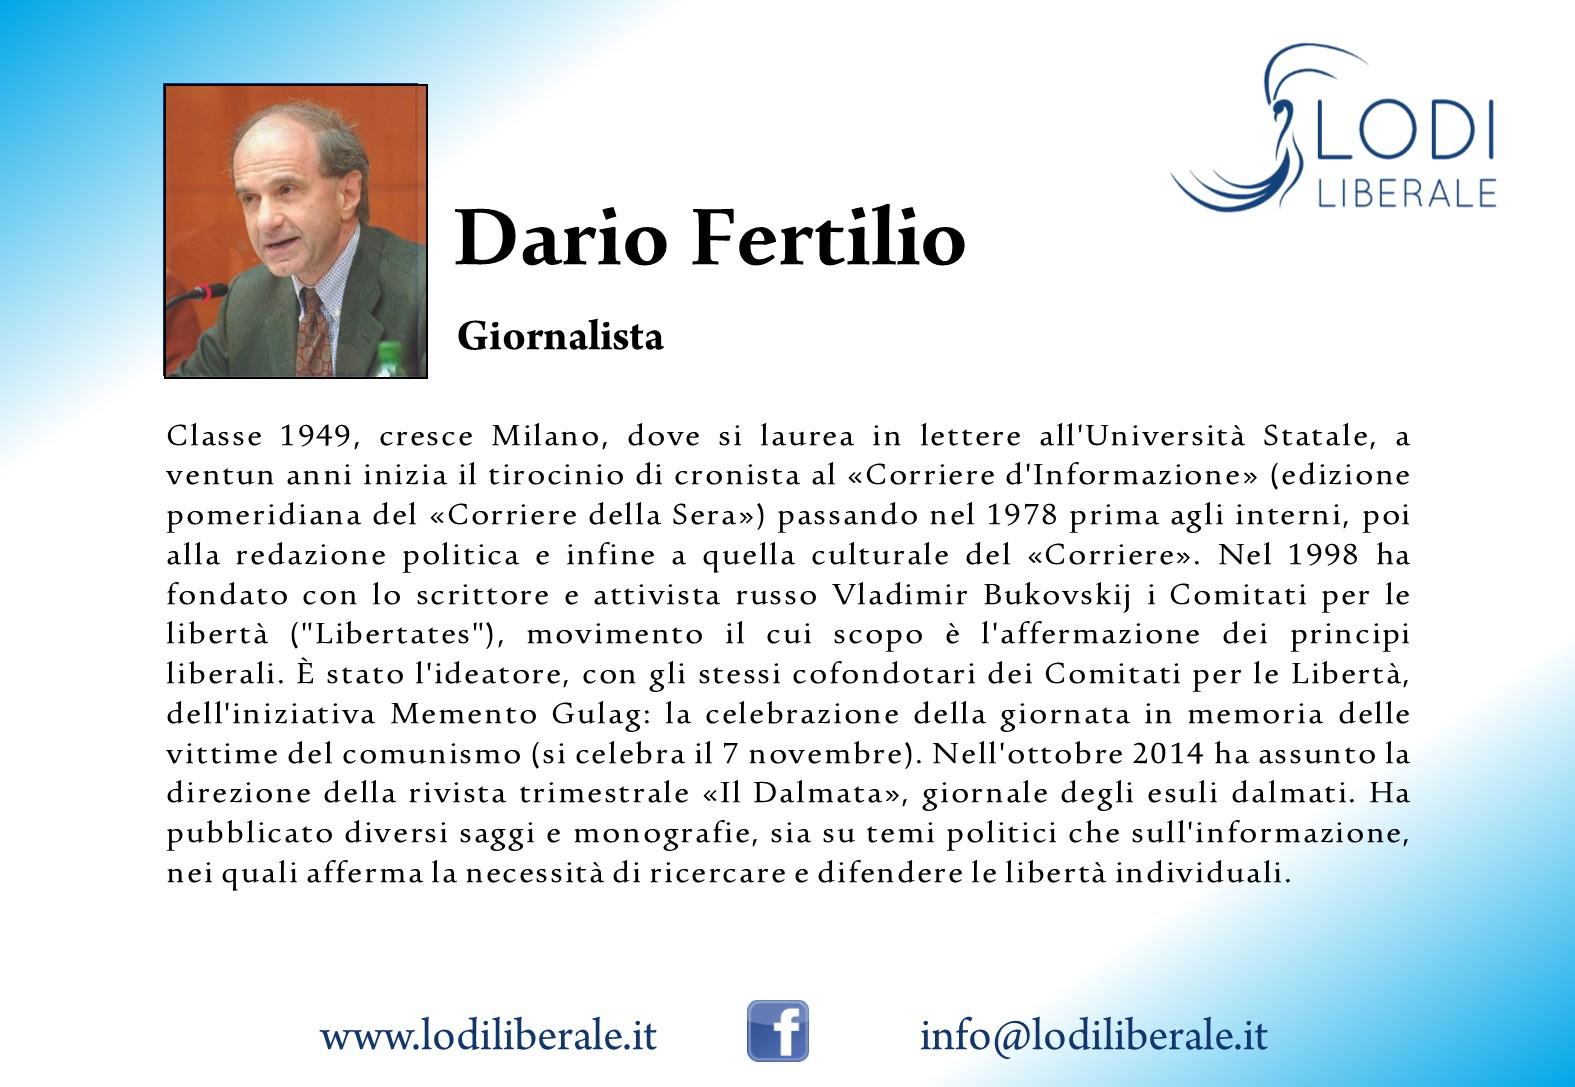 Dario Fertilio Lodi Liberale